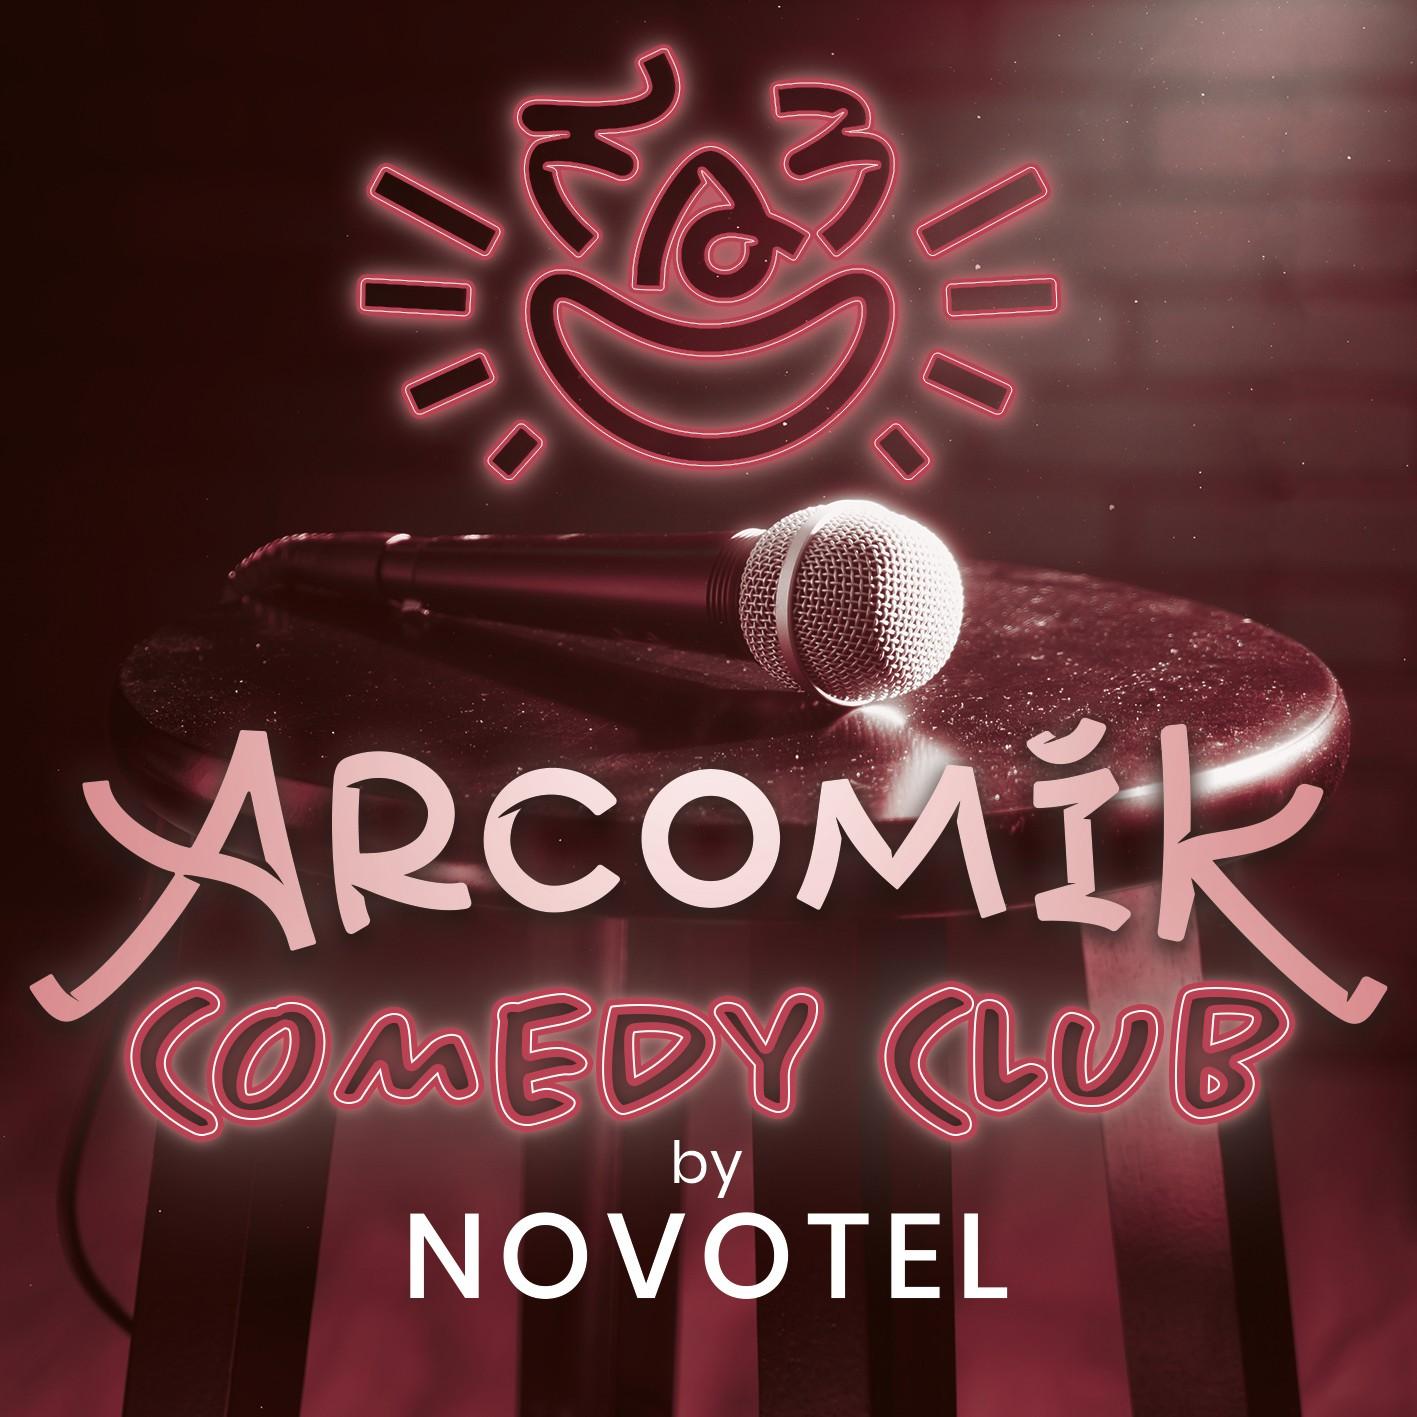 talents-nouveaux-comedy-club-arcomik